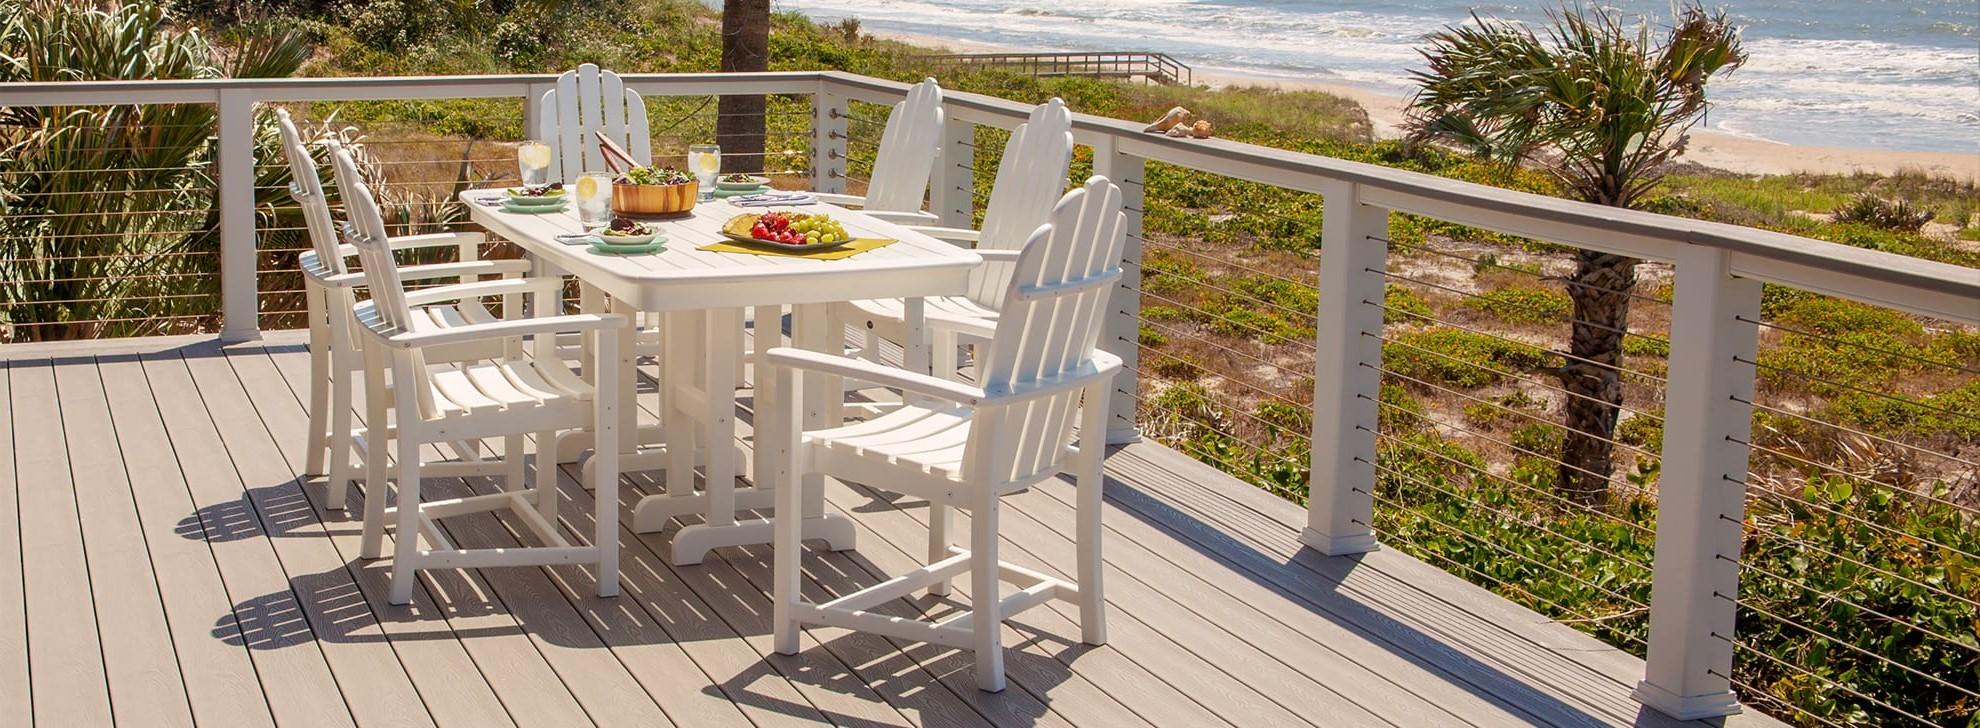 Ensemble de bistrot: idéal pour les repas de famille et les réceptions. Si l'espace est un problème, envisagez des bancs ou des chaises pliantes.